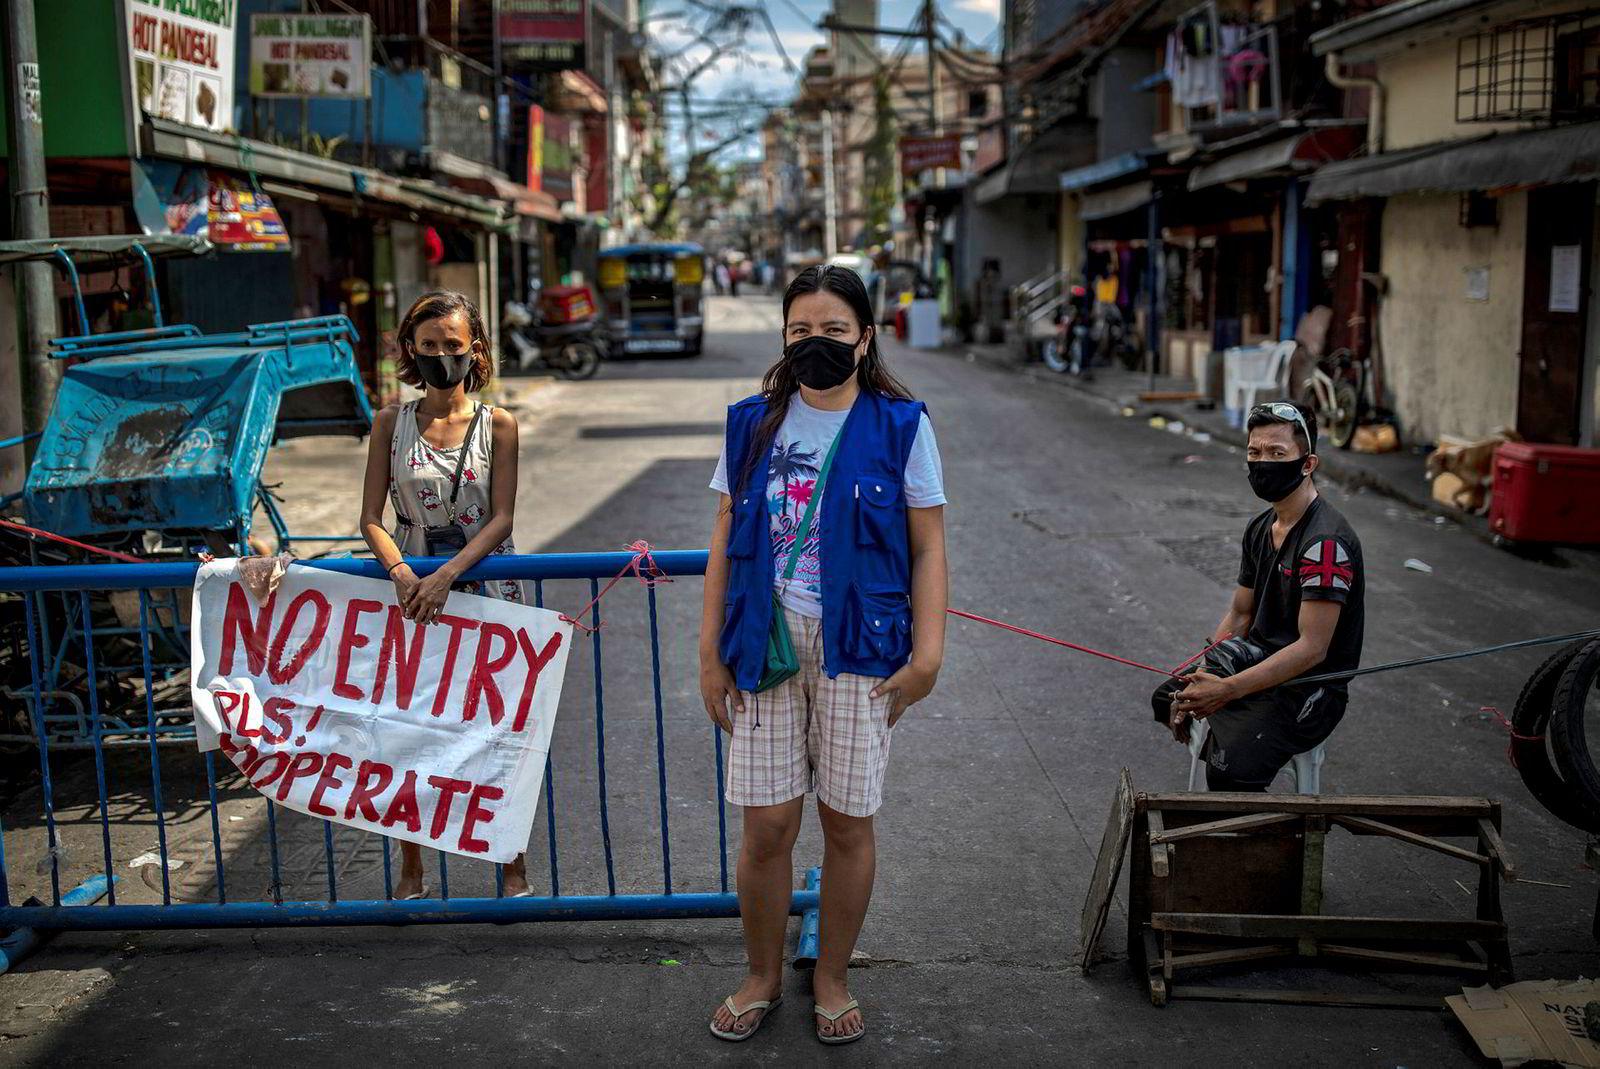 Snow Topacio, Karen Agustin og Jonathan Topacio vokter en provisorisk barrikade i Manila på Filippinene. Målet er å begrense trafikken i de trangeste smugene og gatene, i håp om å stoppe spredningen av koronaviruset.